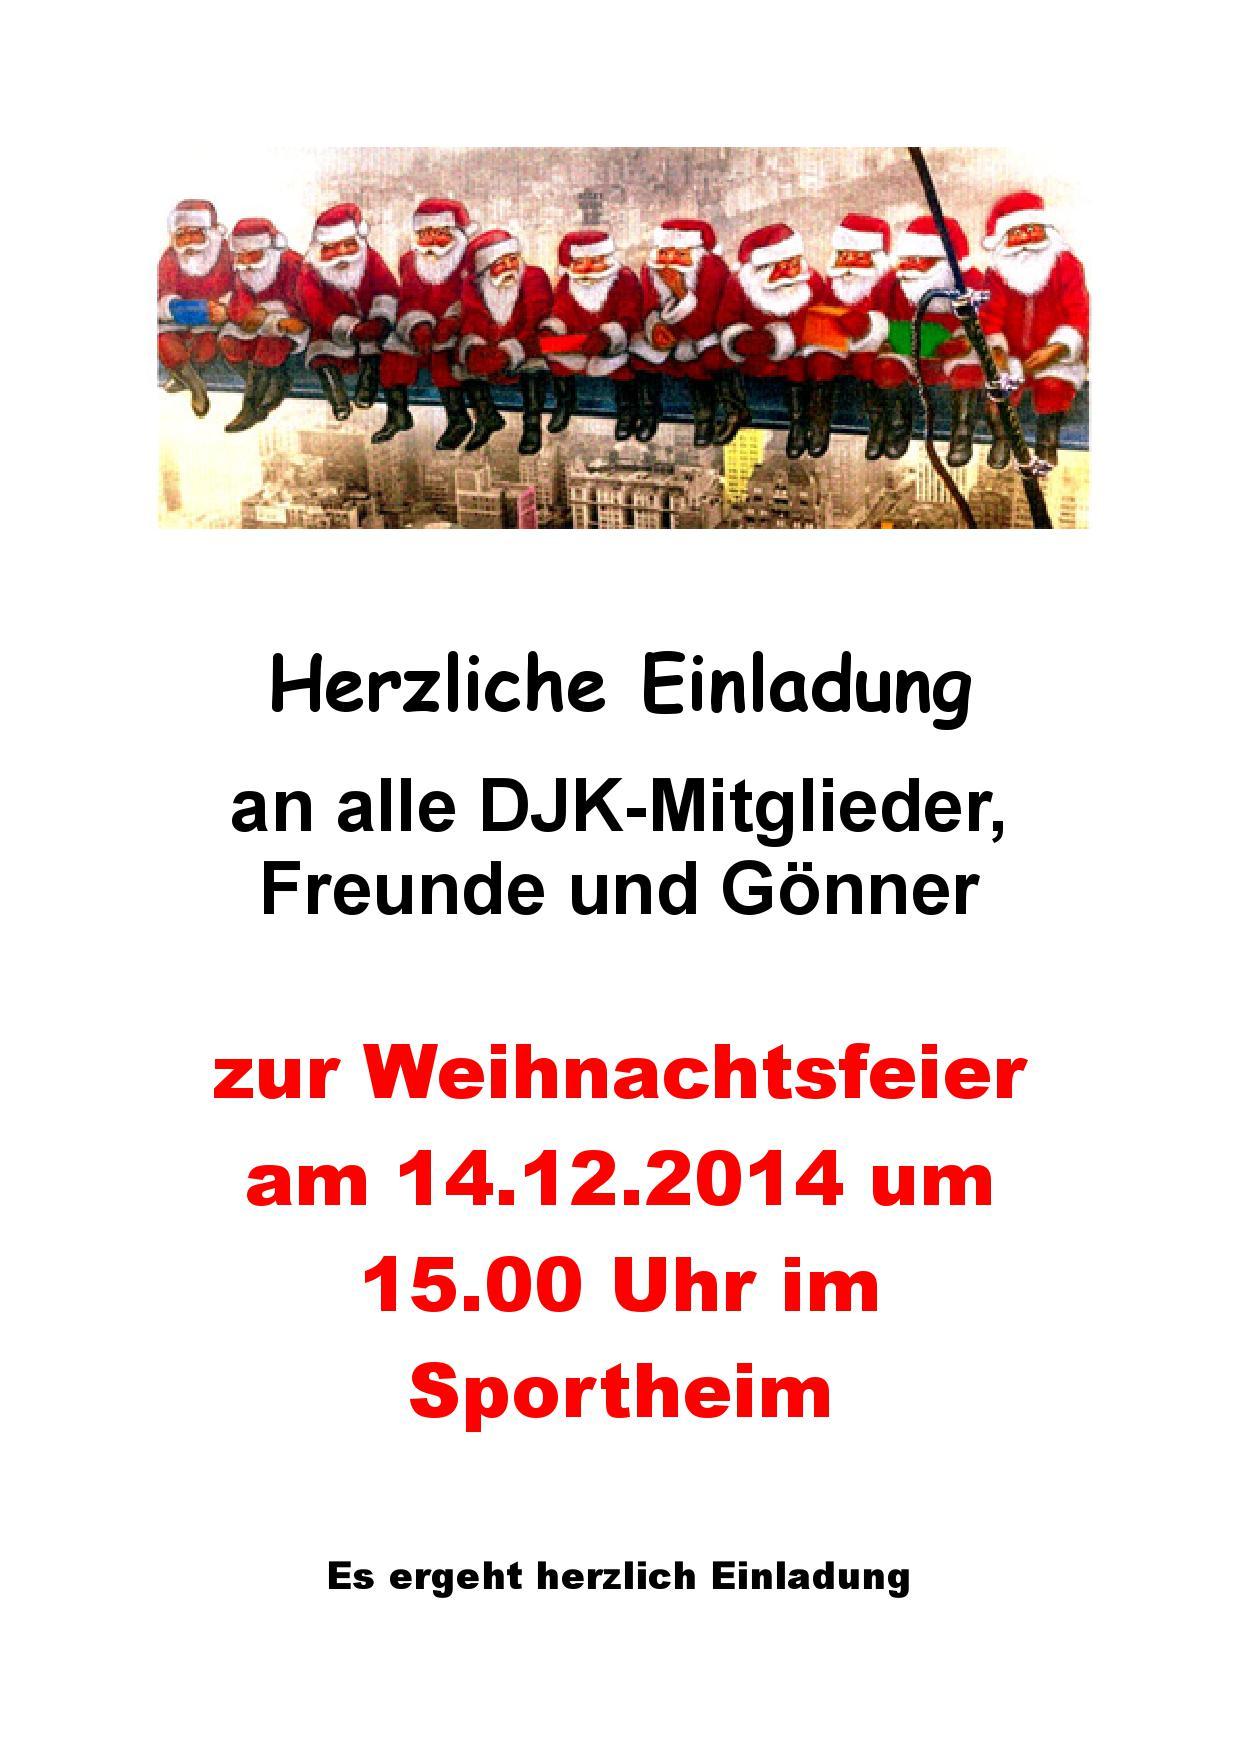 einladung zur weihnachtsfeier » djk hergolshausen e.v., Einladung